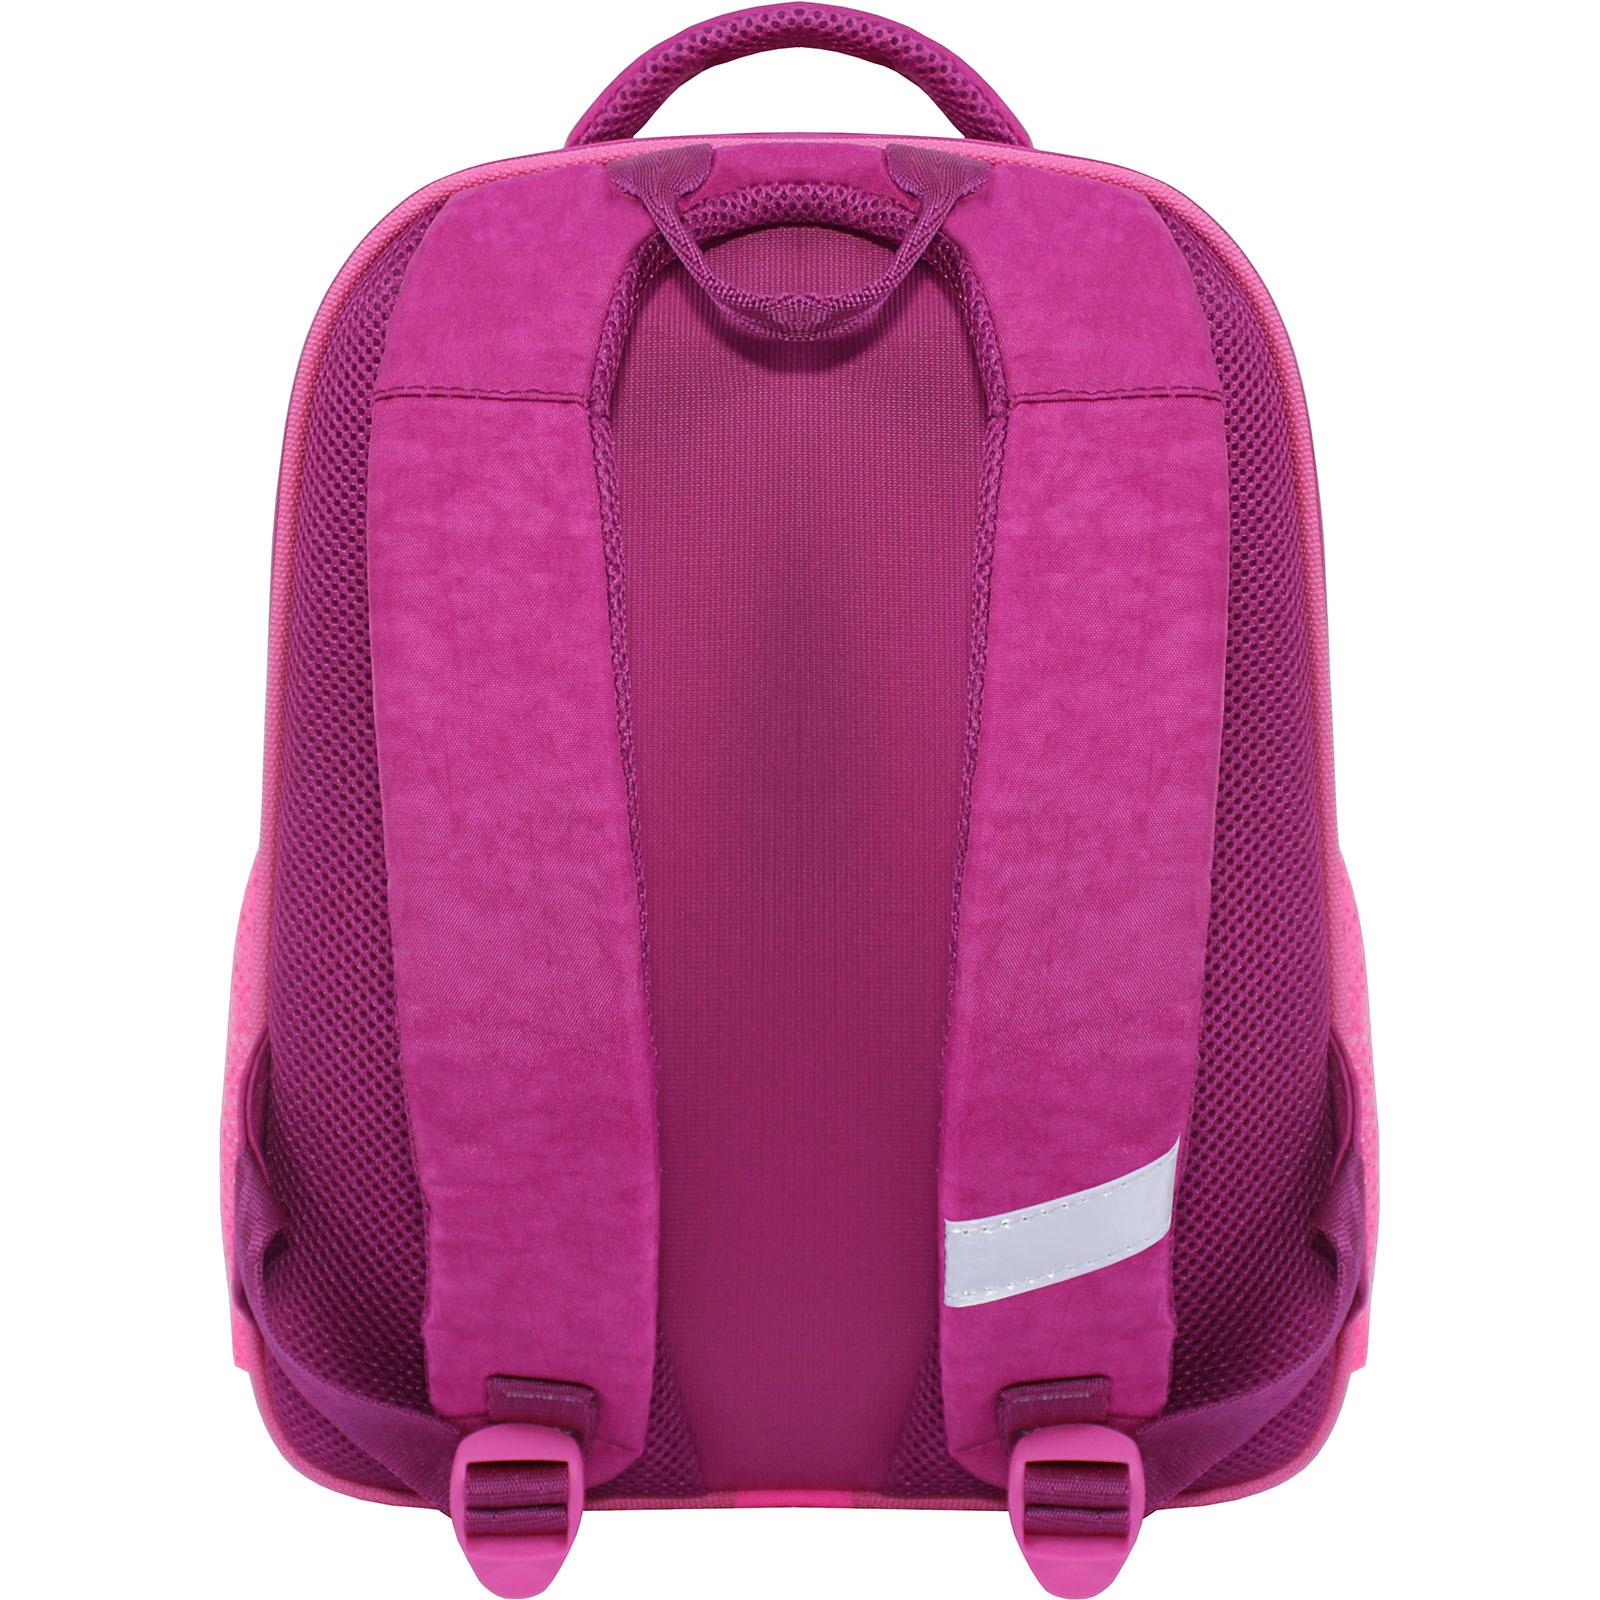 Рюкзак школьный Bagland Отличник 20 л. Малиновый 615 (0058070) фото 3